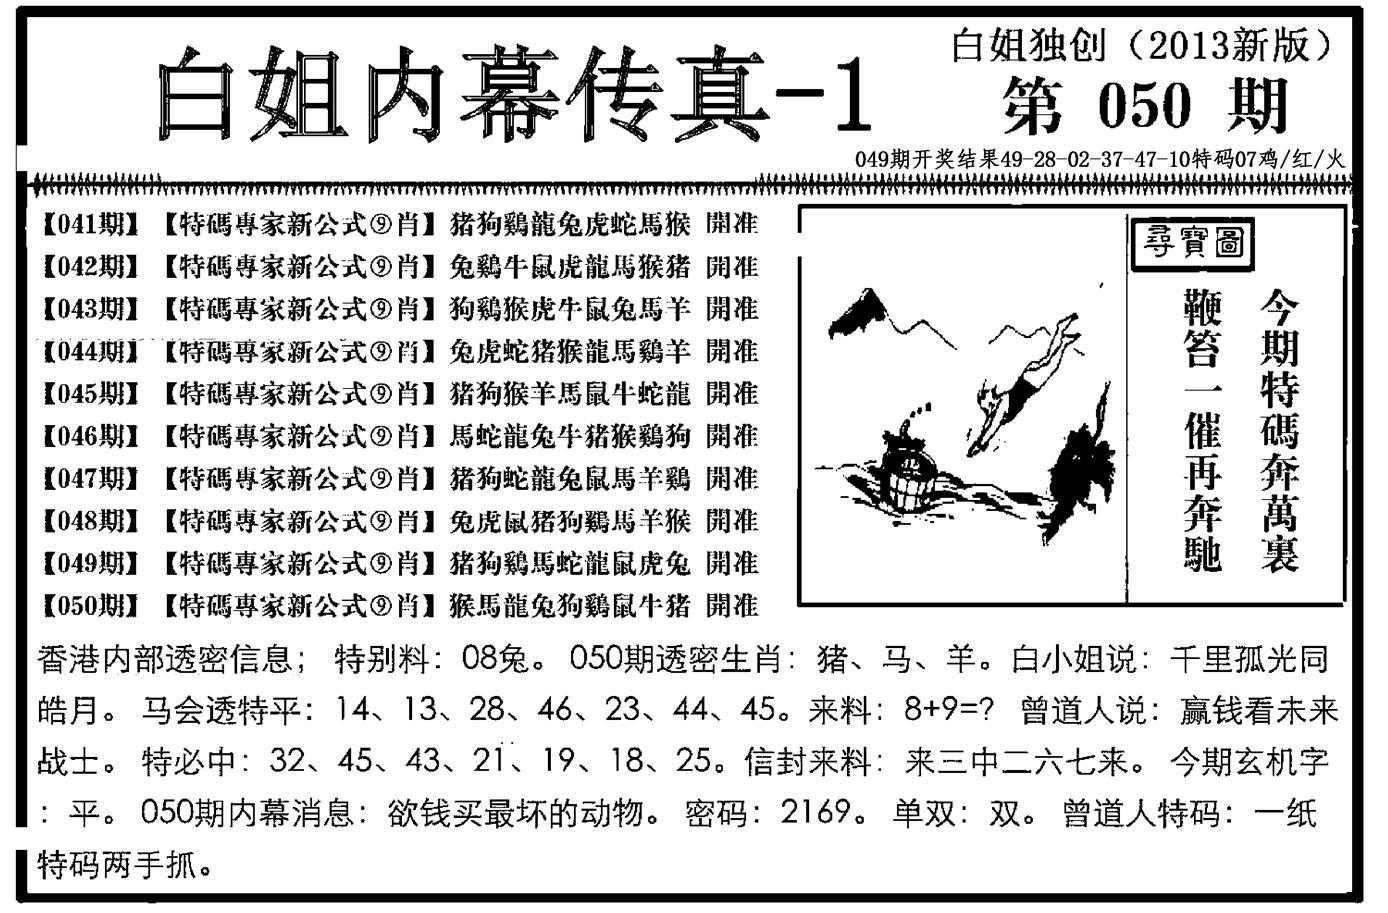 050期白姐内幕传真-1(黑白)